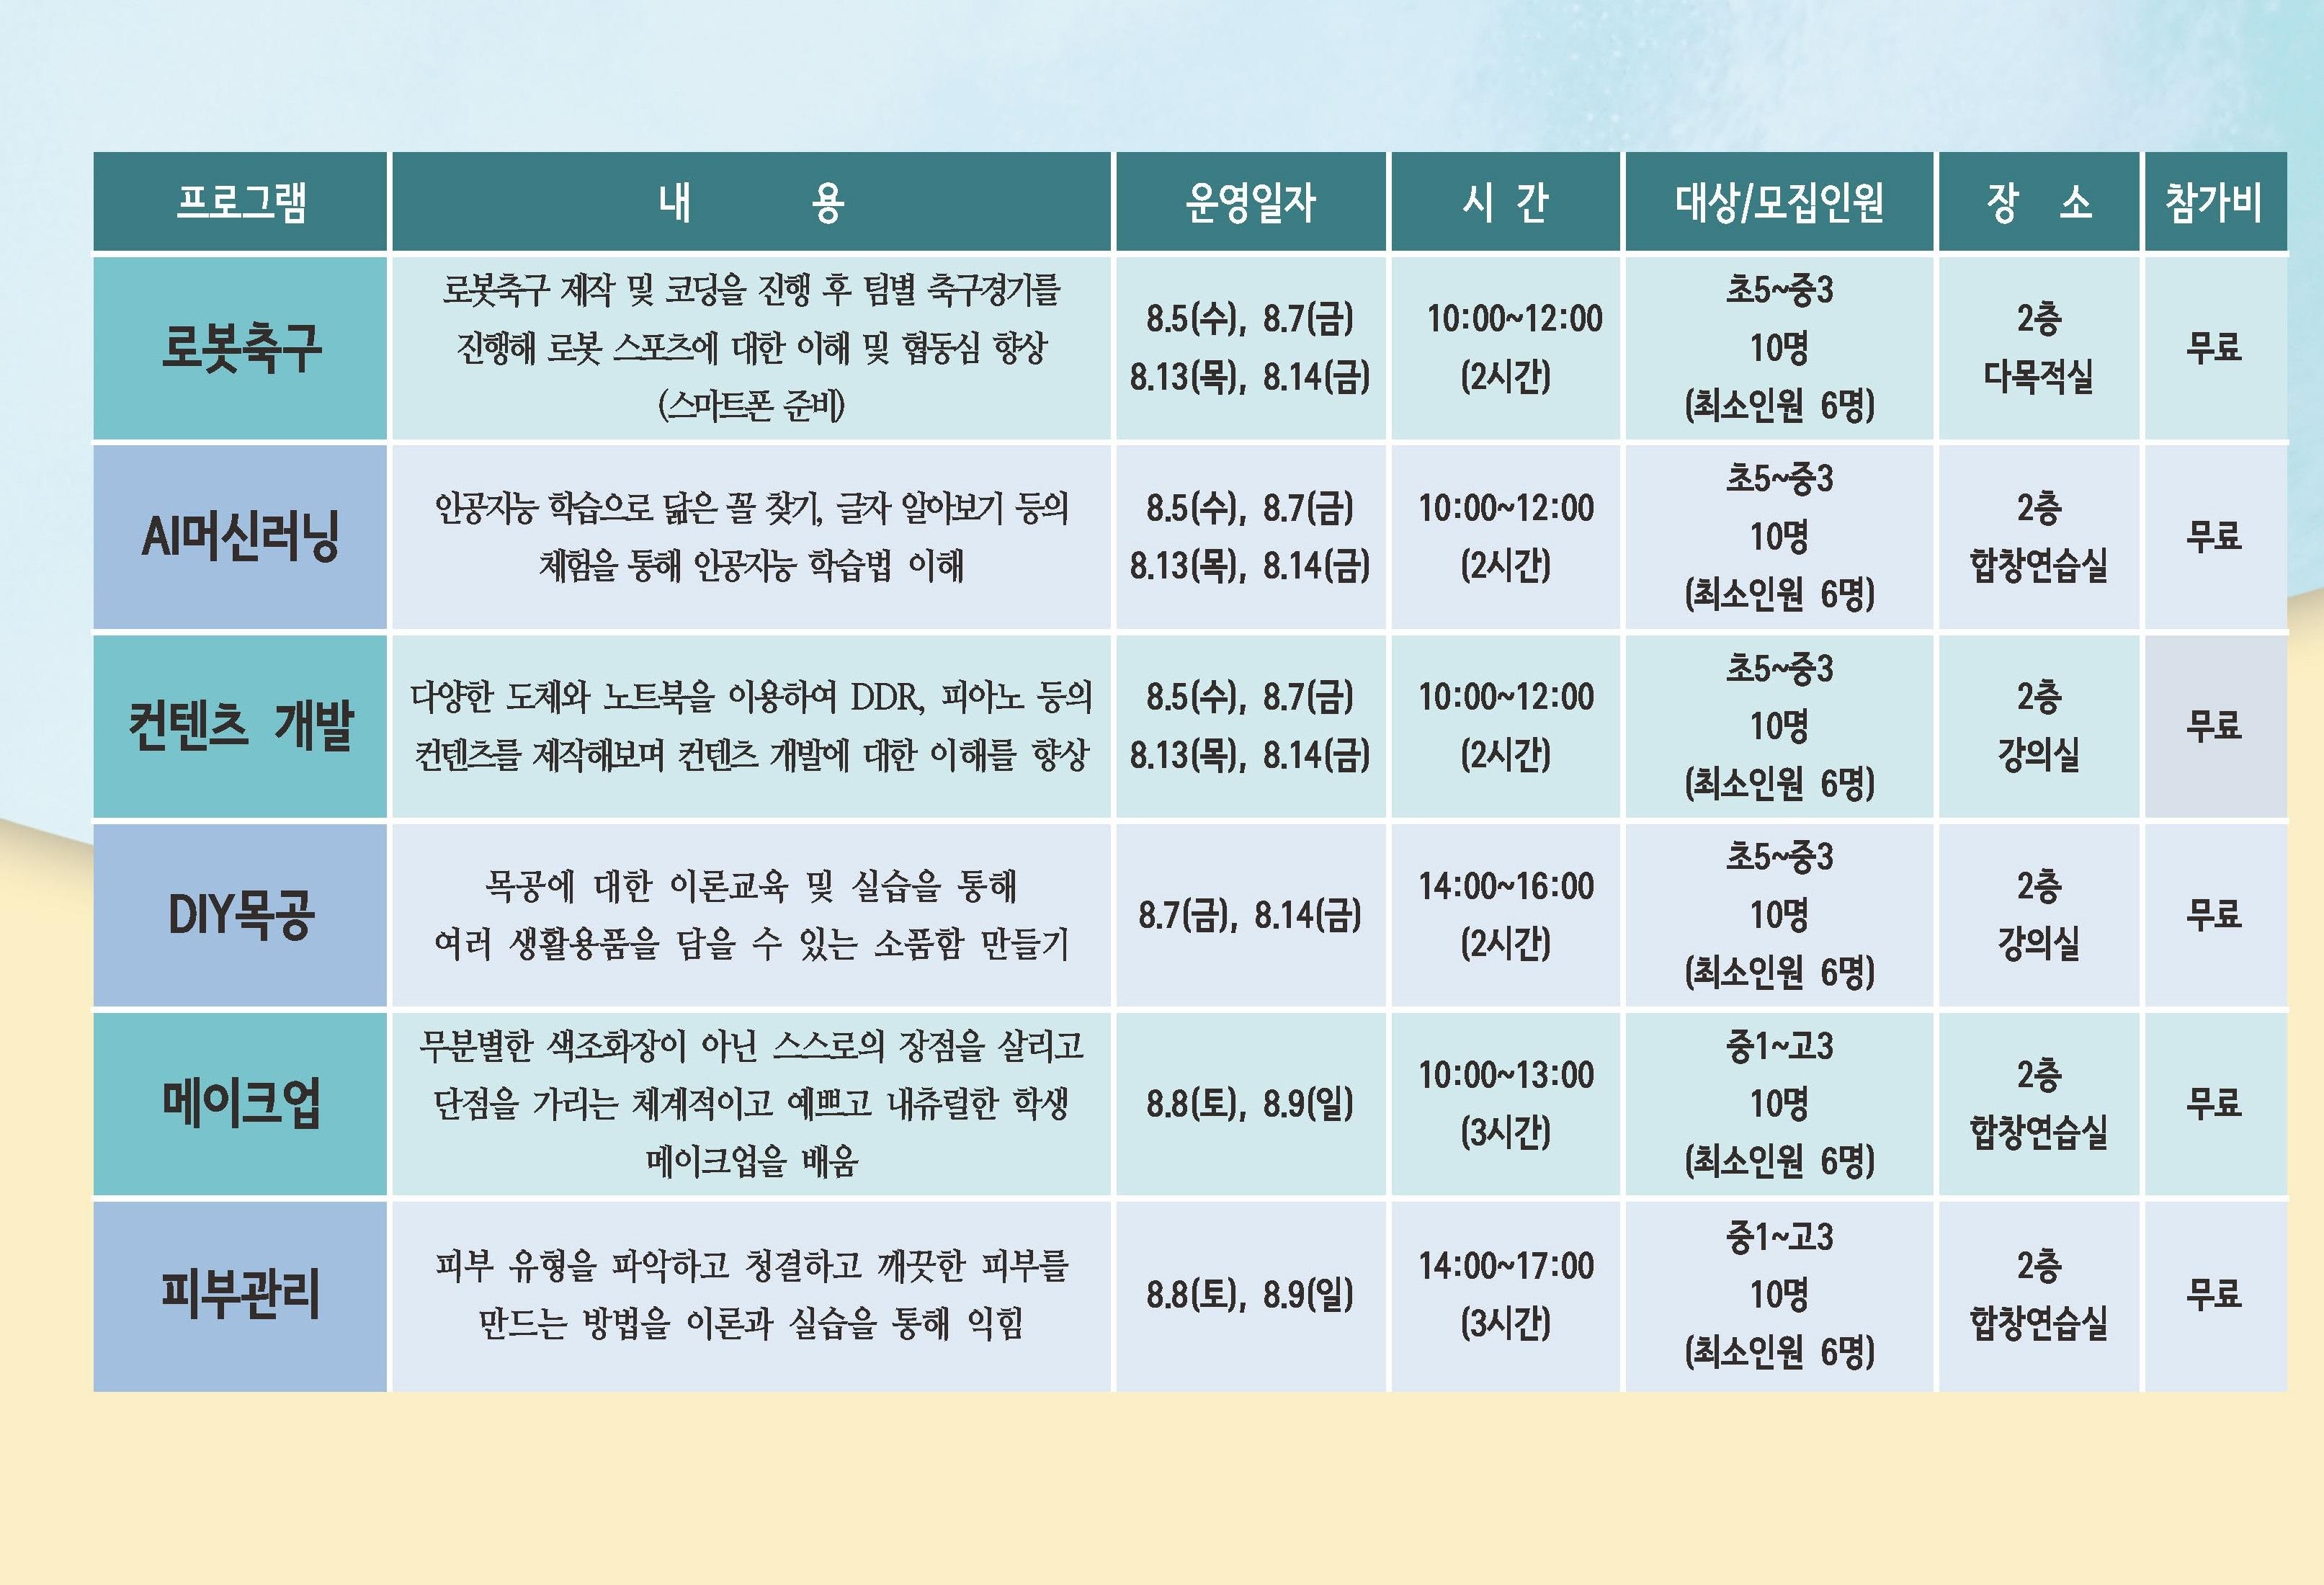 _ 2020 여름방학프로그램 안내 및 참가자 모집 포스터 - 복사본.jpg